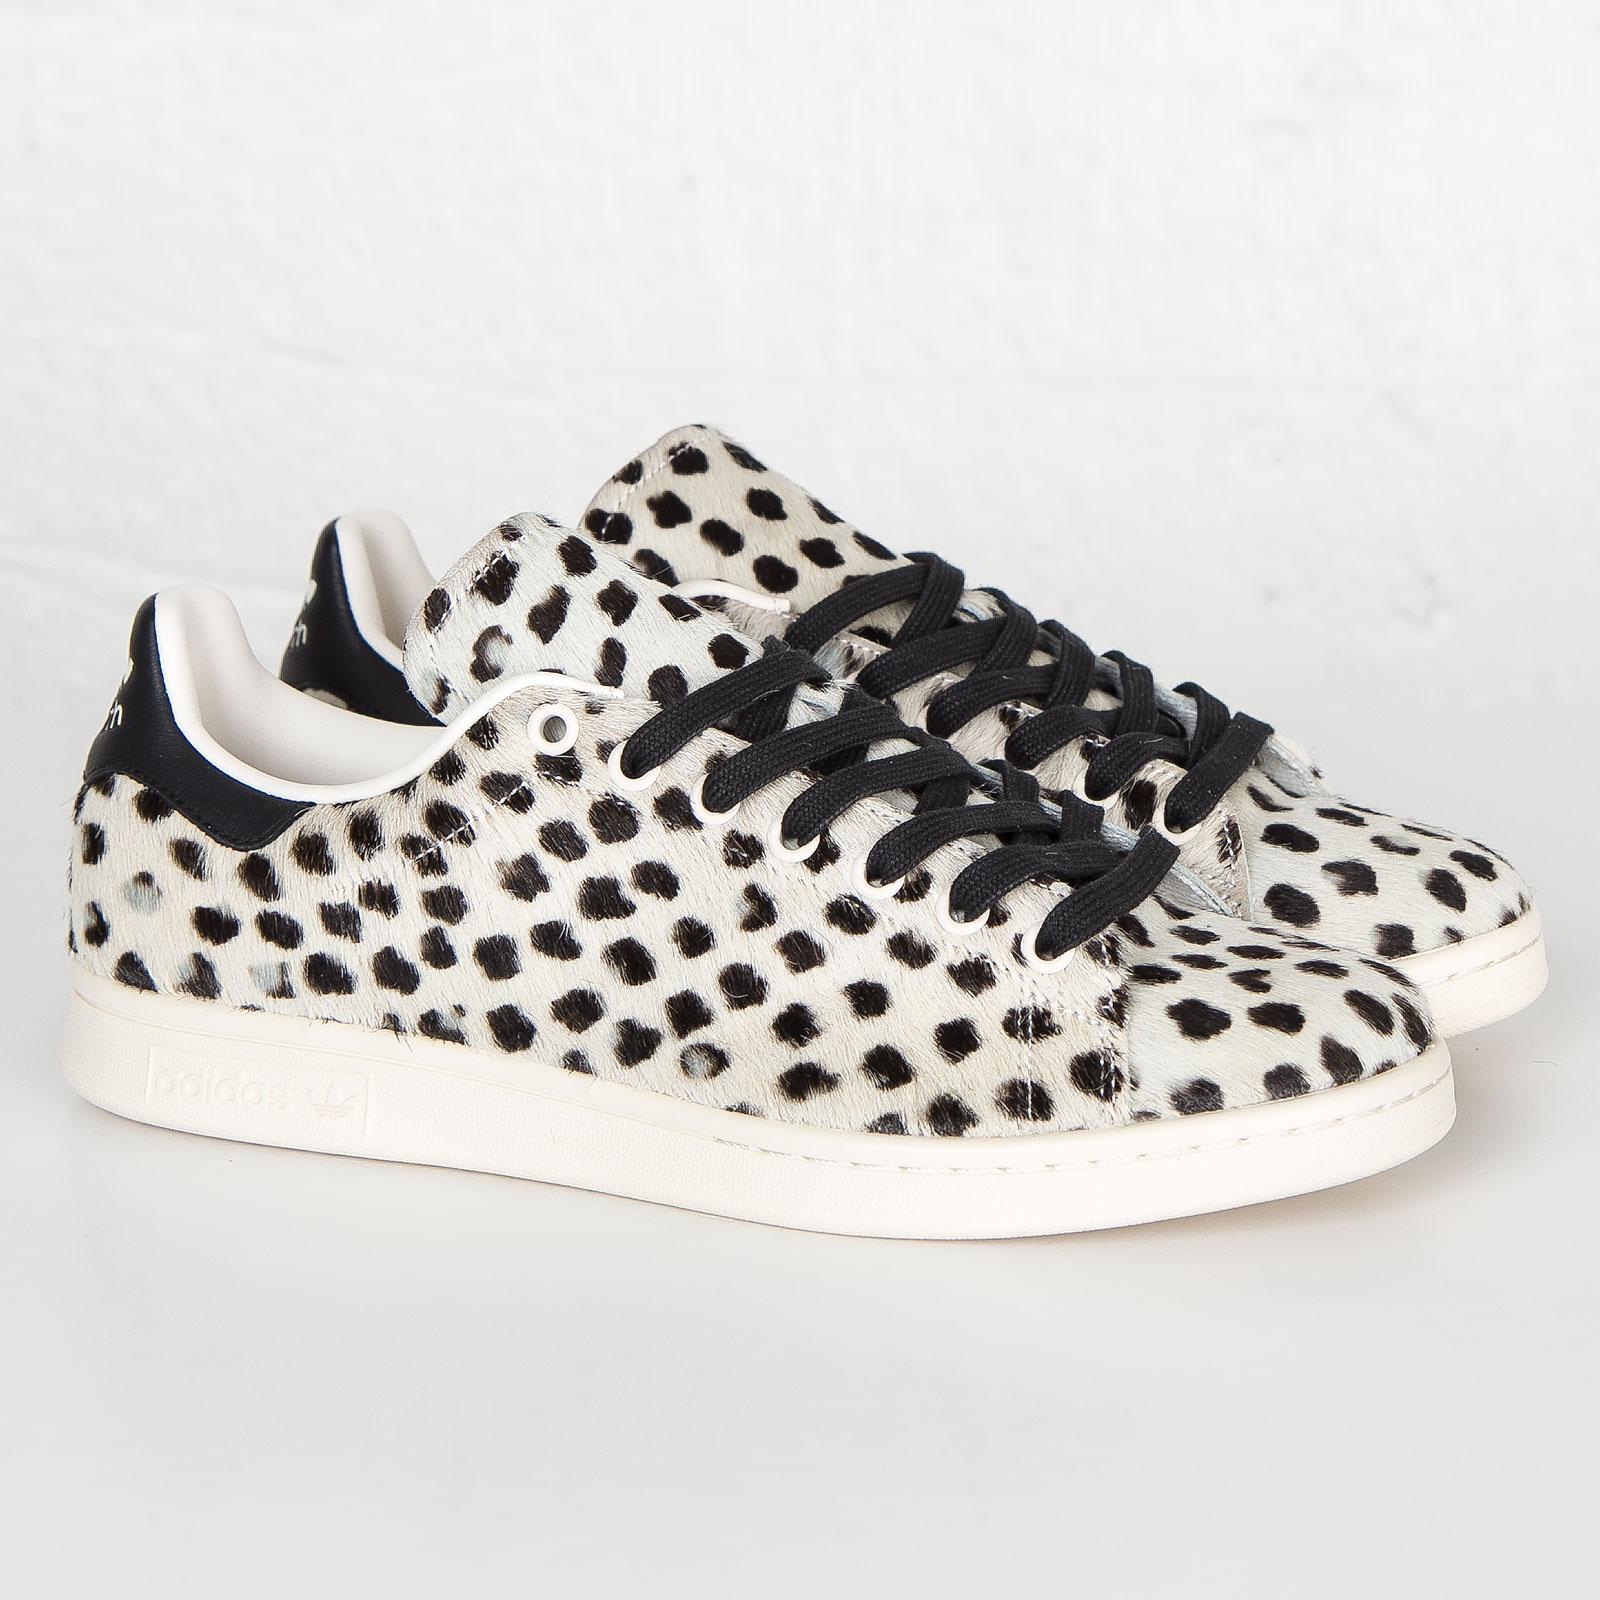 Adidas Stan Smith S75117, Blanc - 12.5 UK / 48 FR